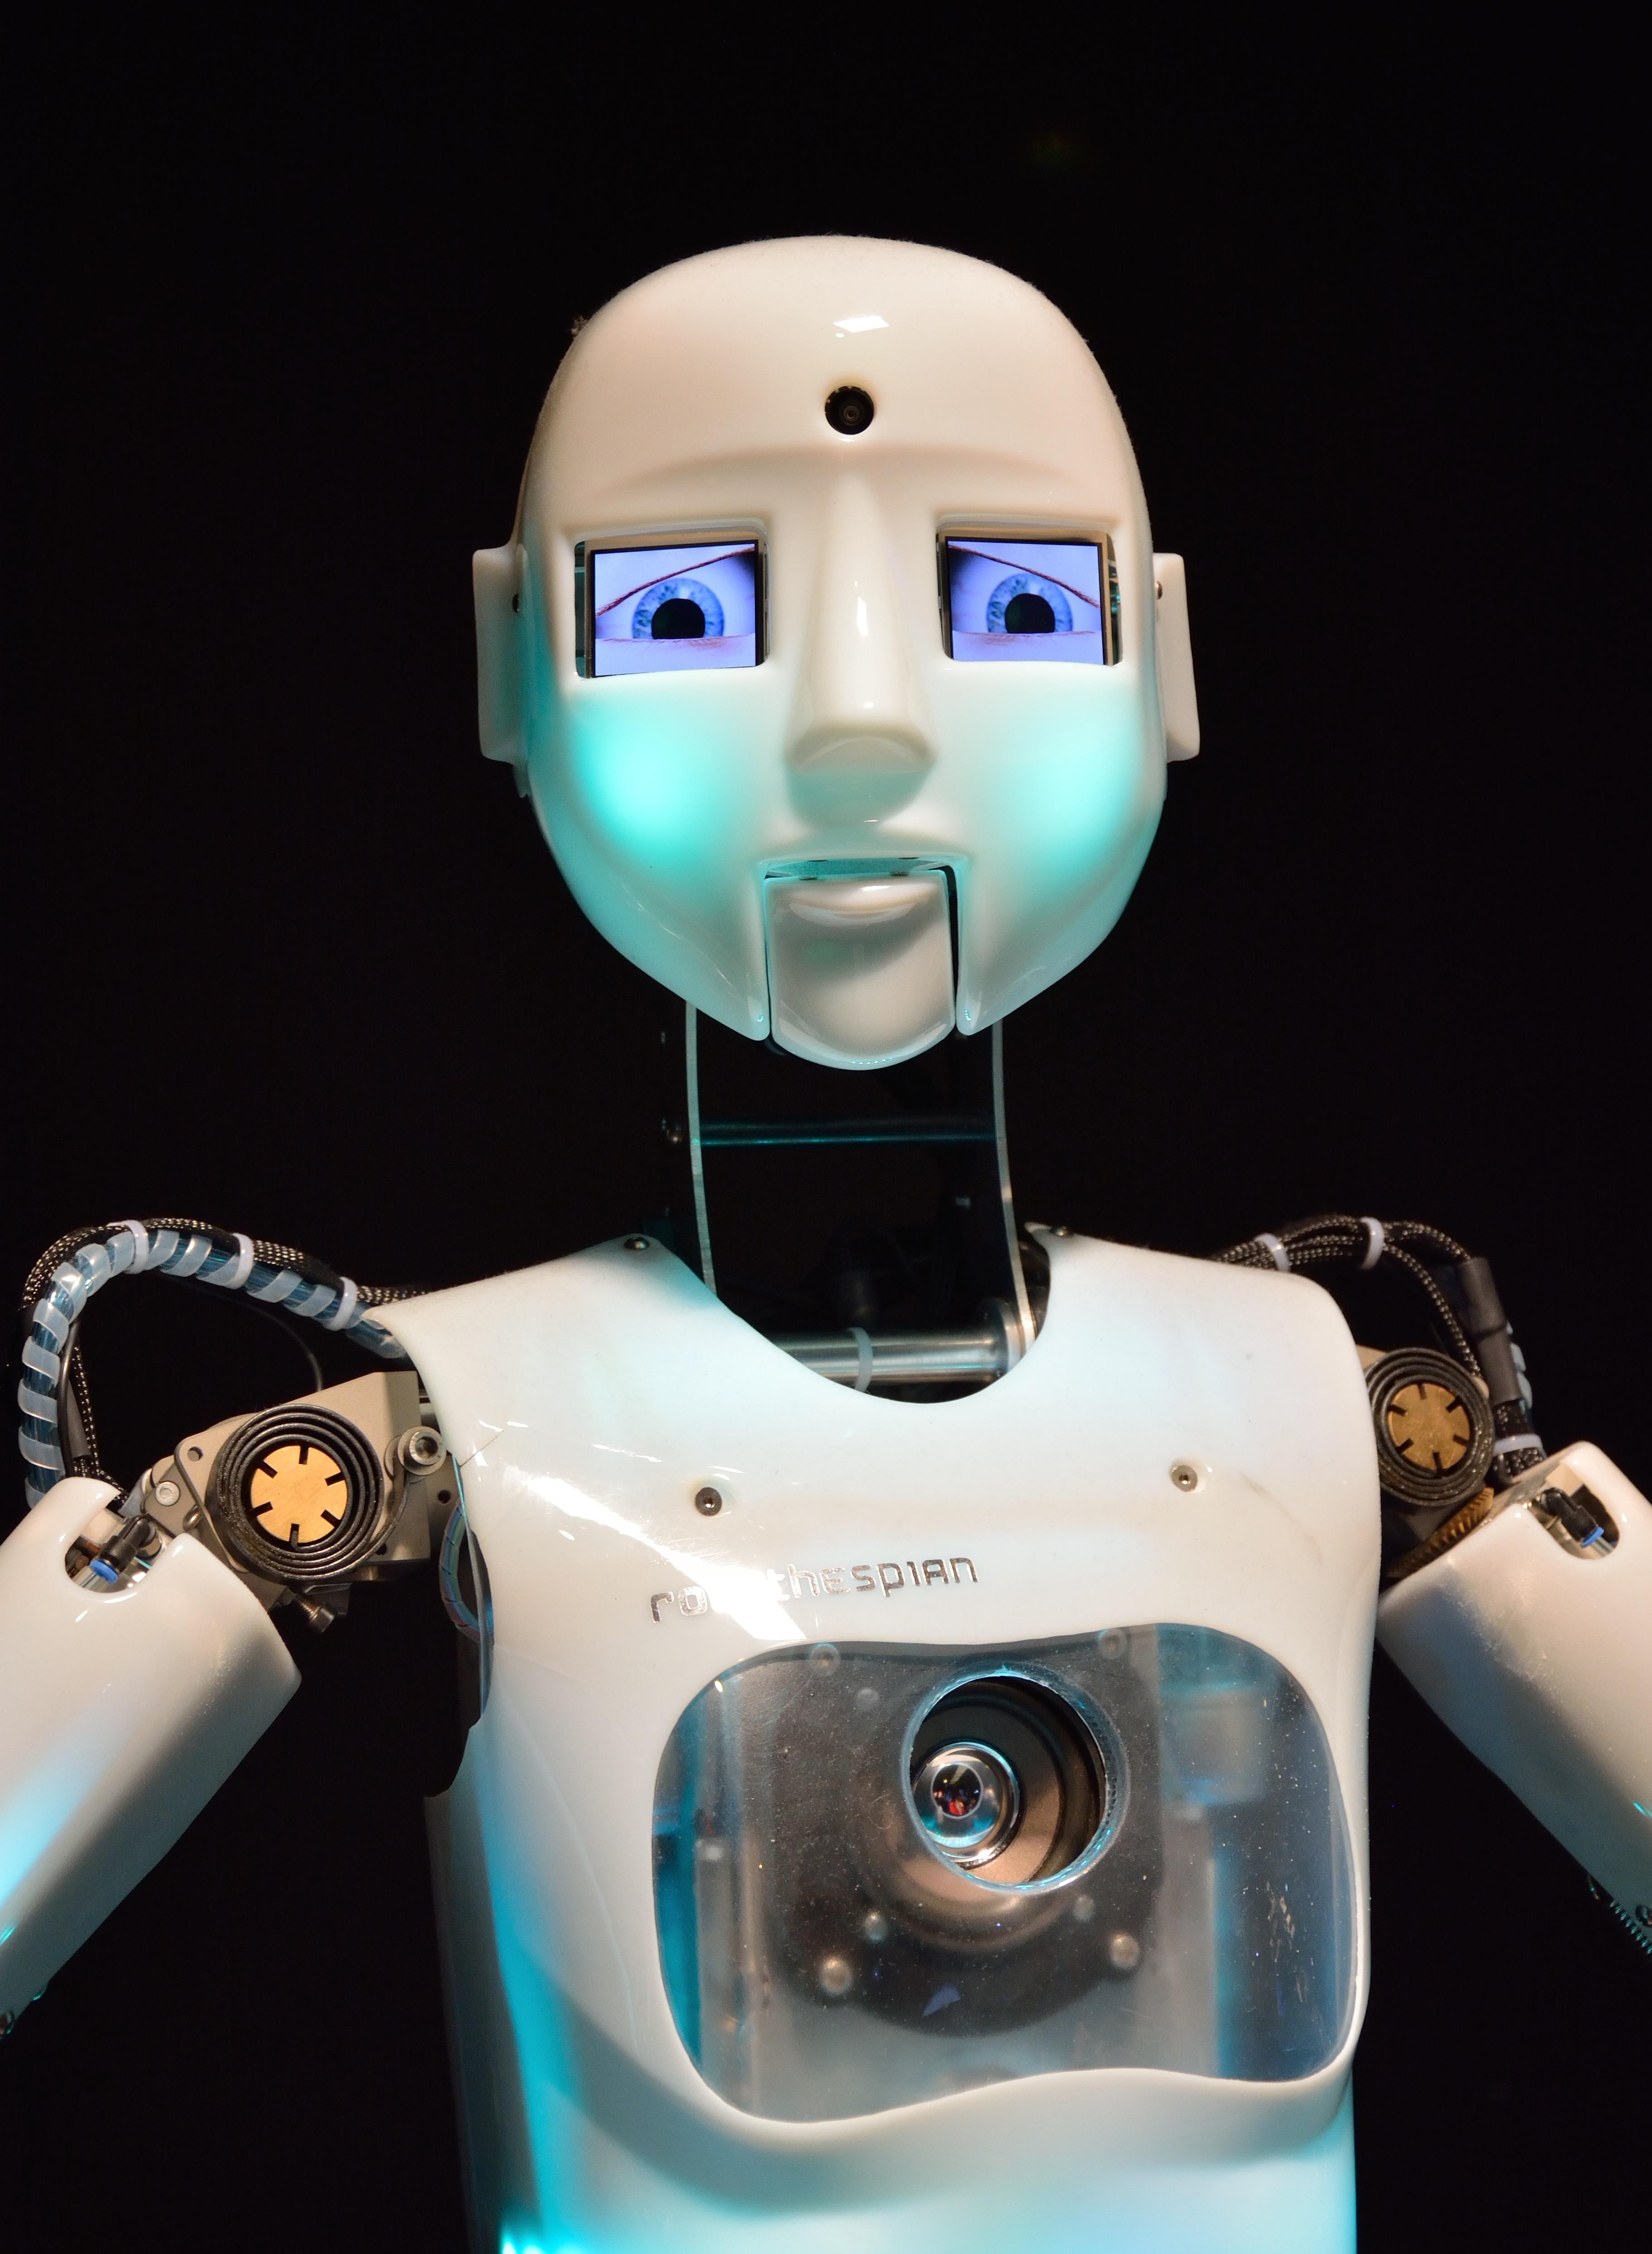 человекоподобные роботы картинки можно открыть при